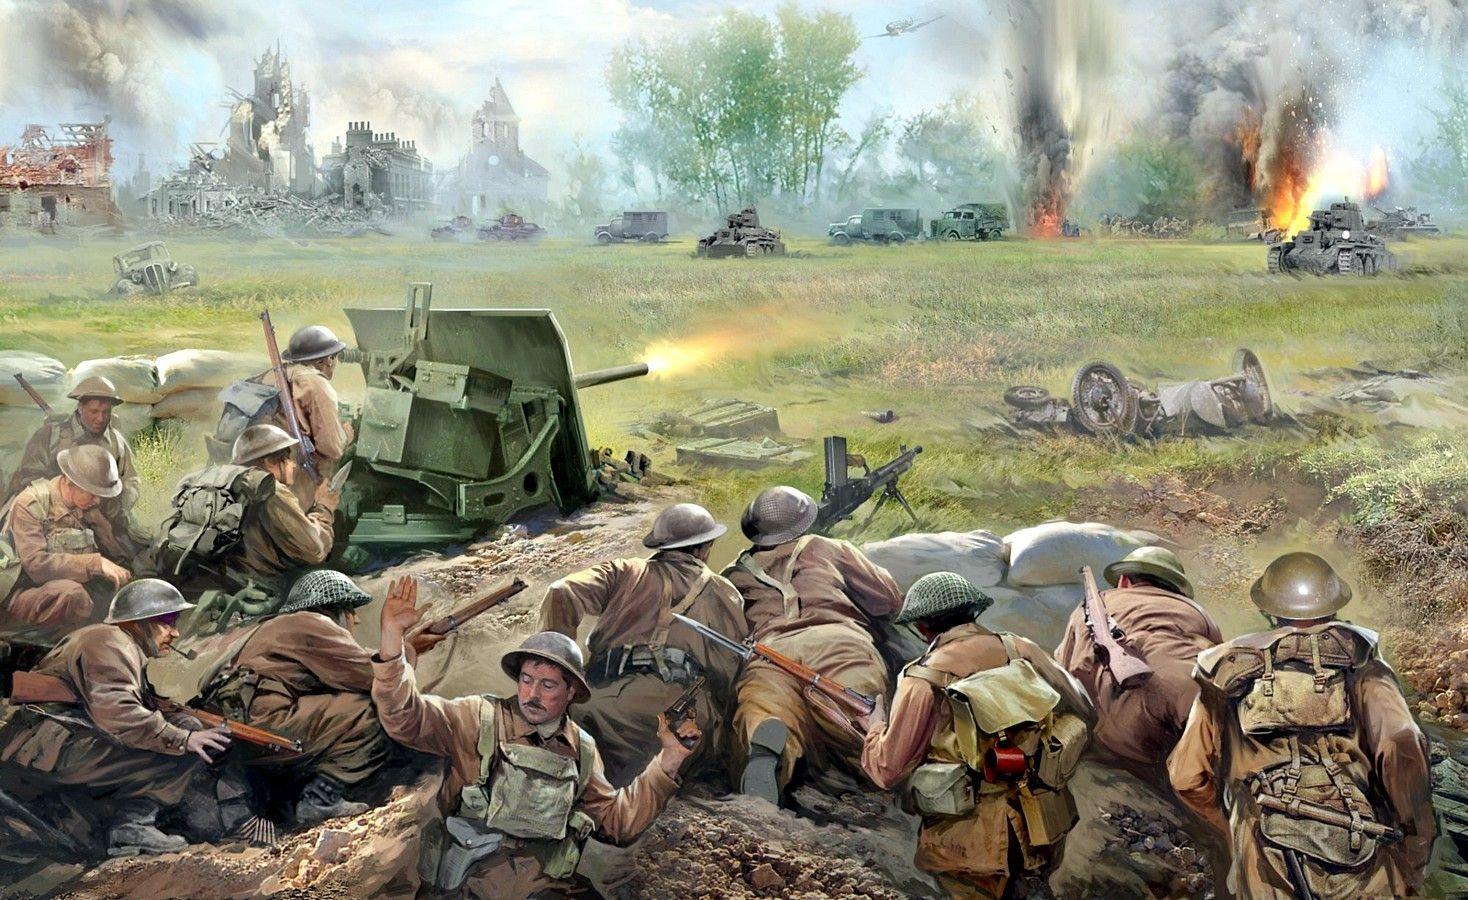 Pin On Art Illustration World War Ii